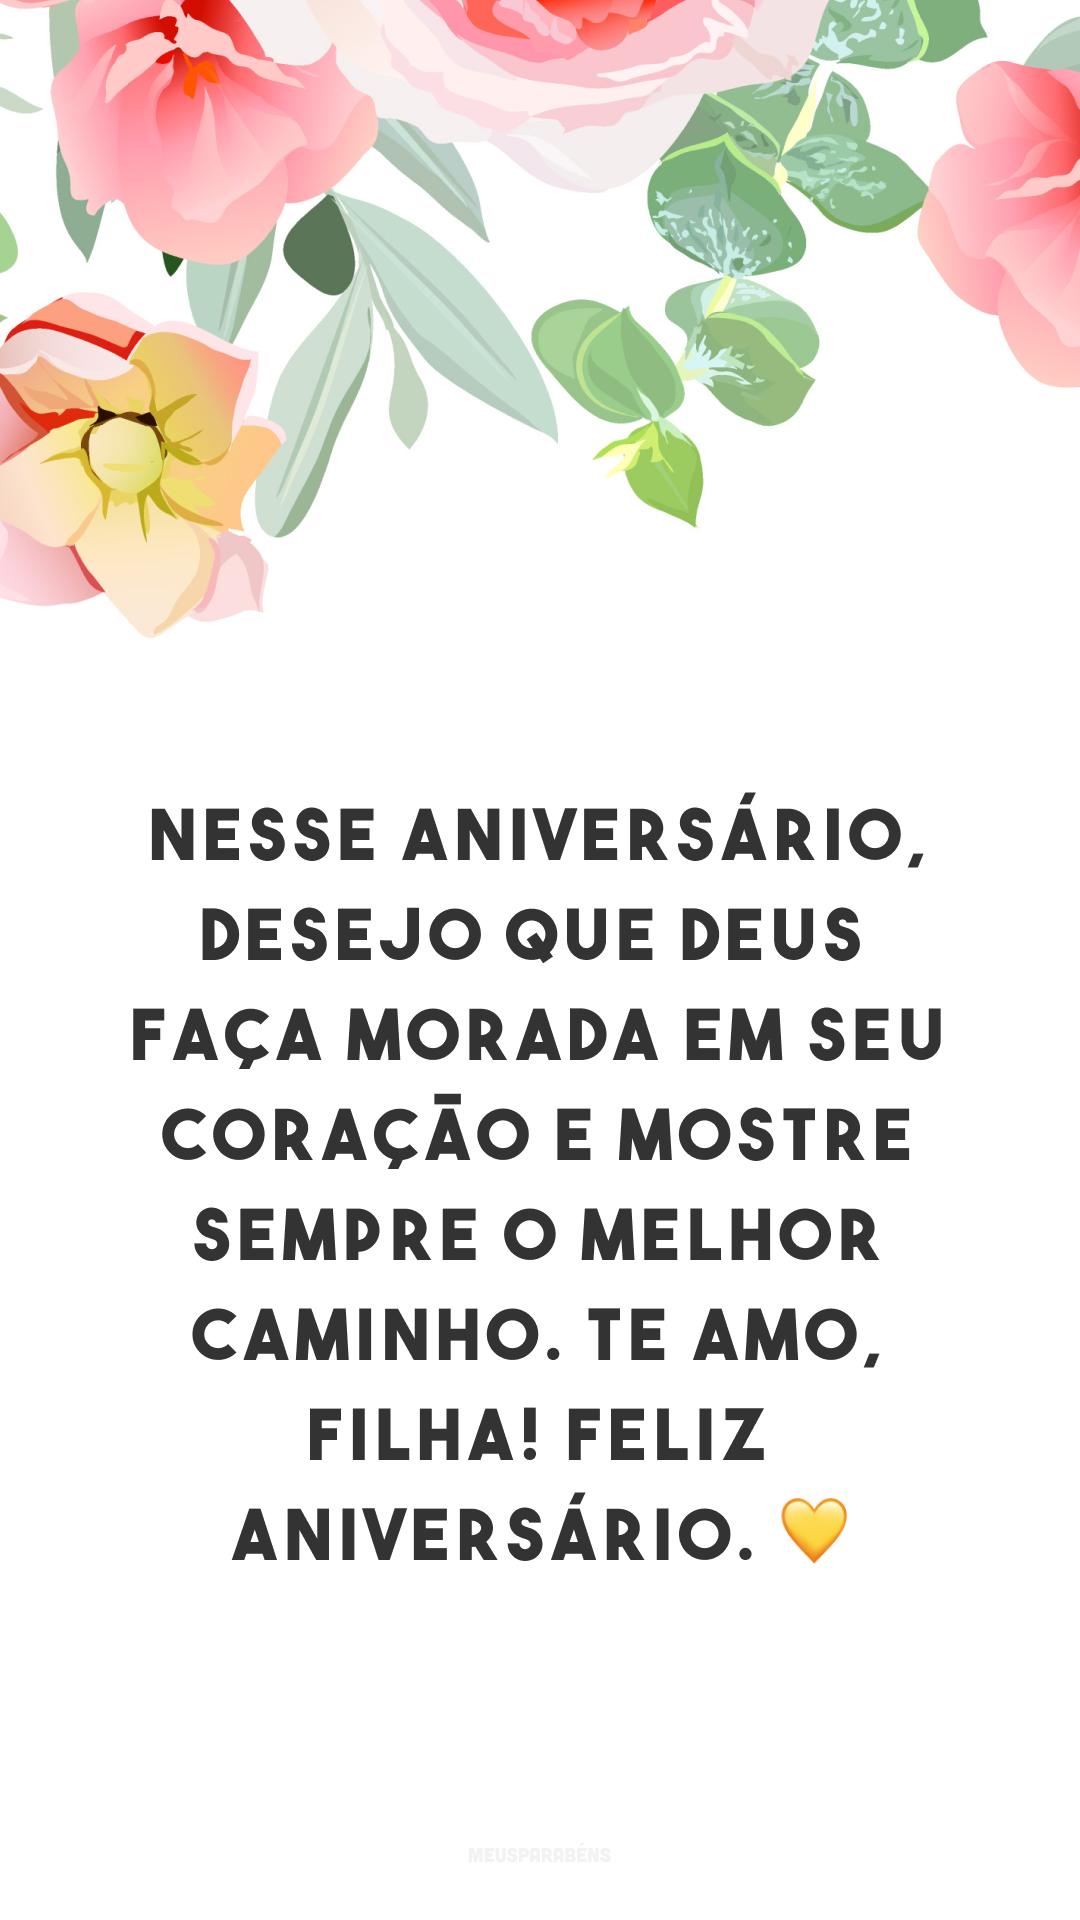 Nesse aniversário, desejo que Deus faça morada em seu coração e mostre sempre o melhor caminho. Te amo, filha! Feliz aniversário. ?